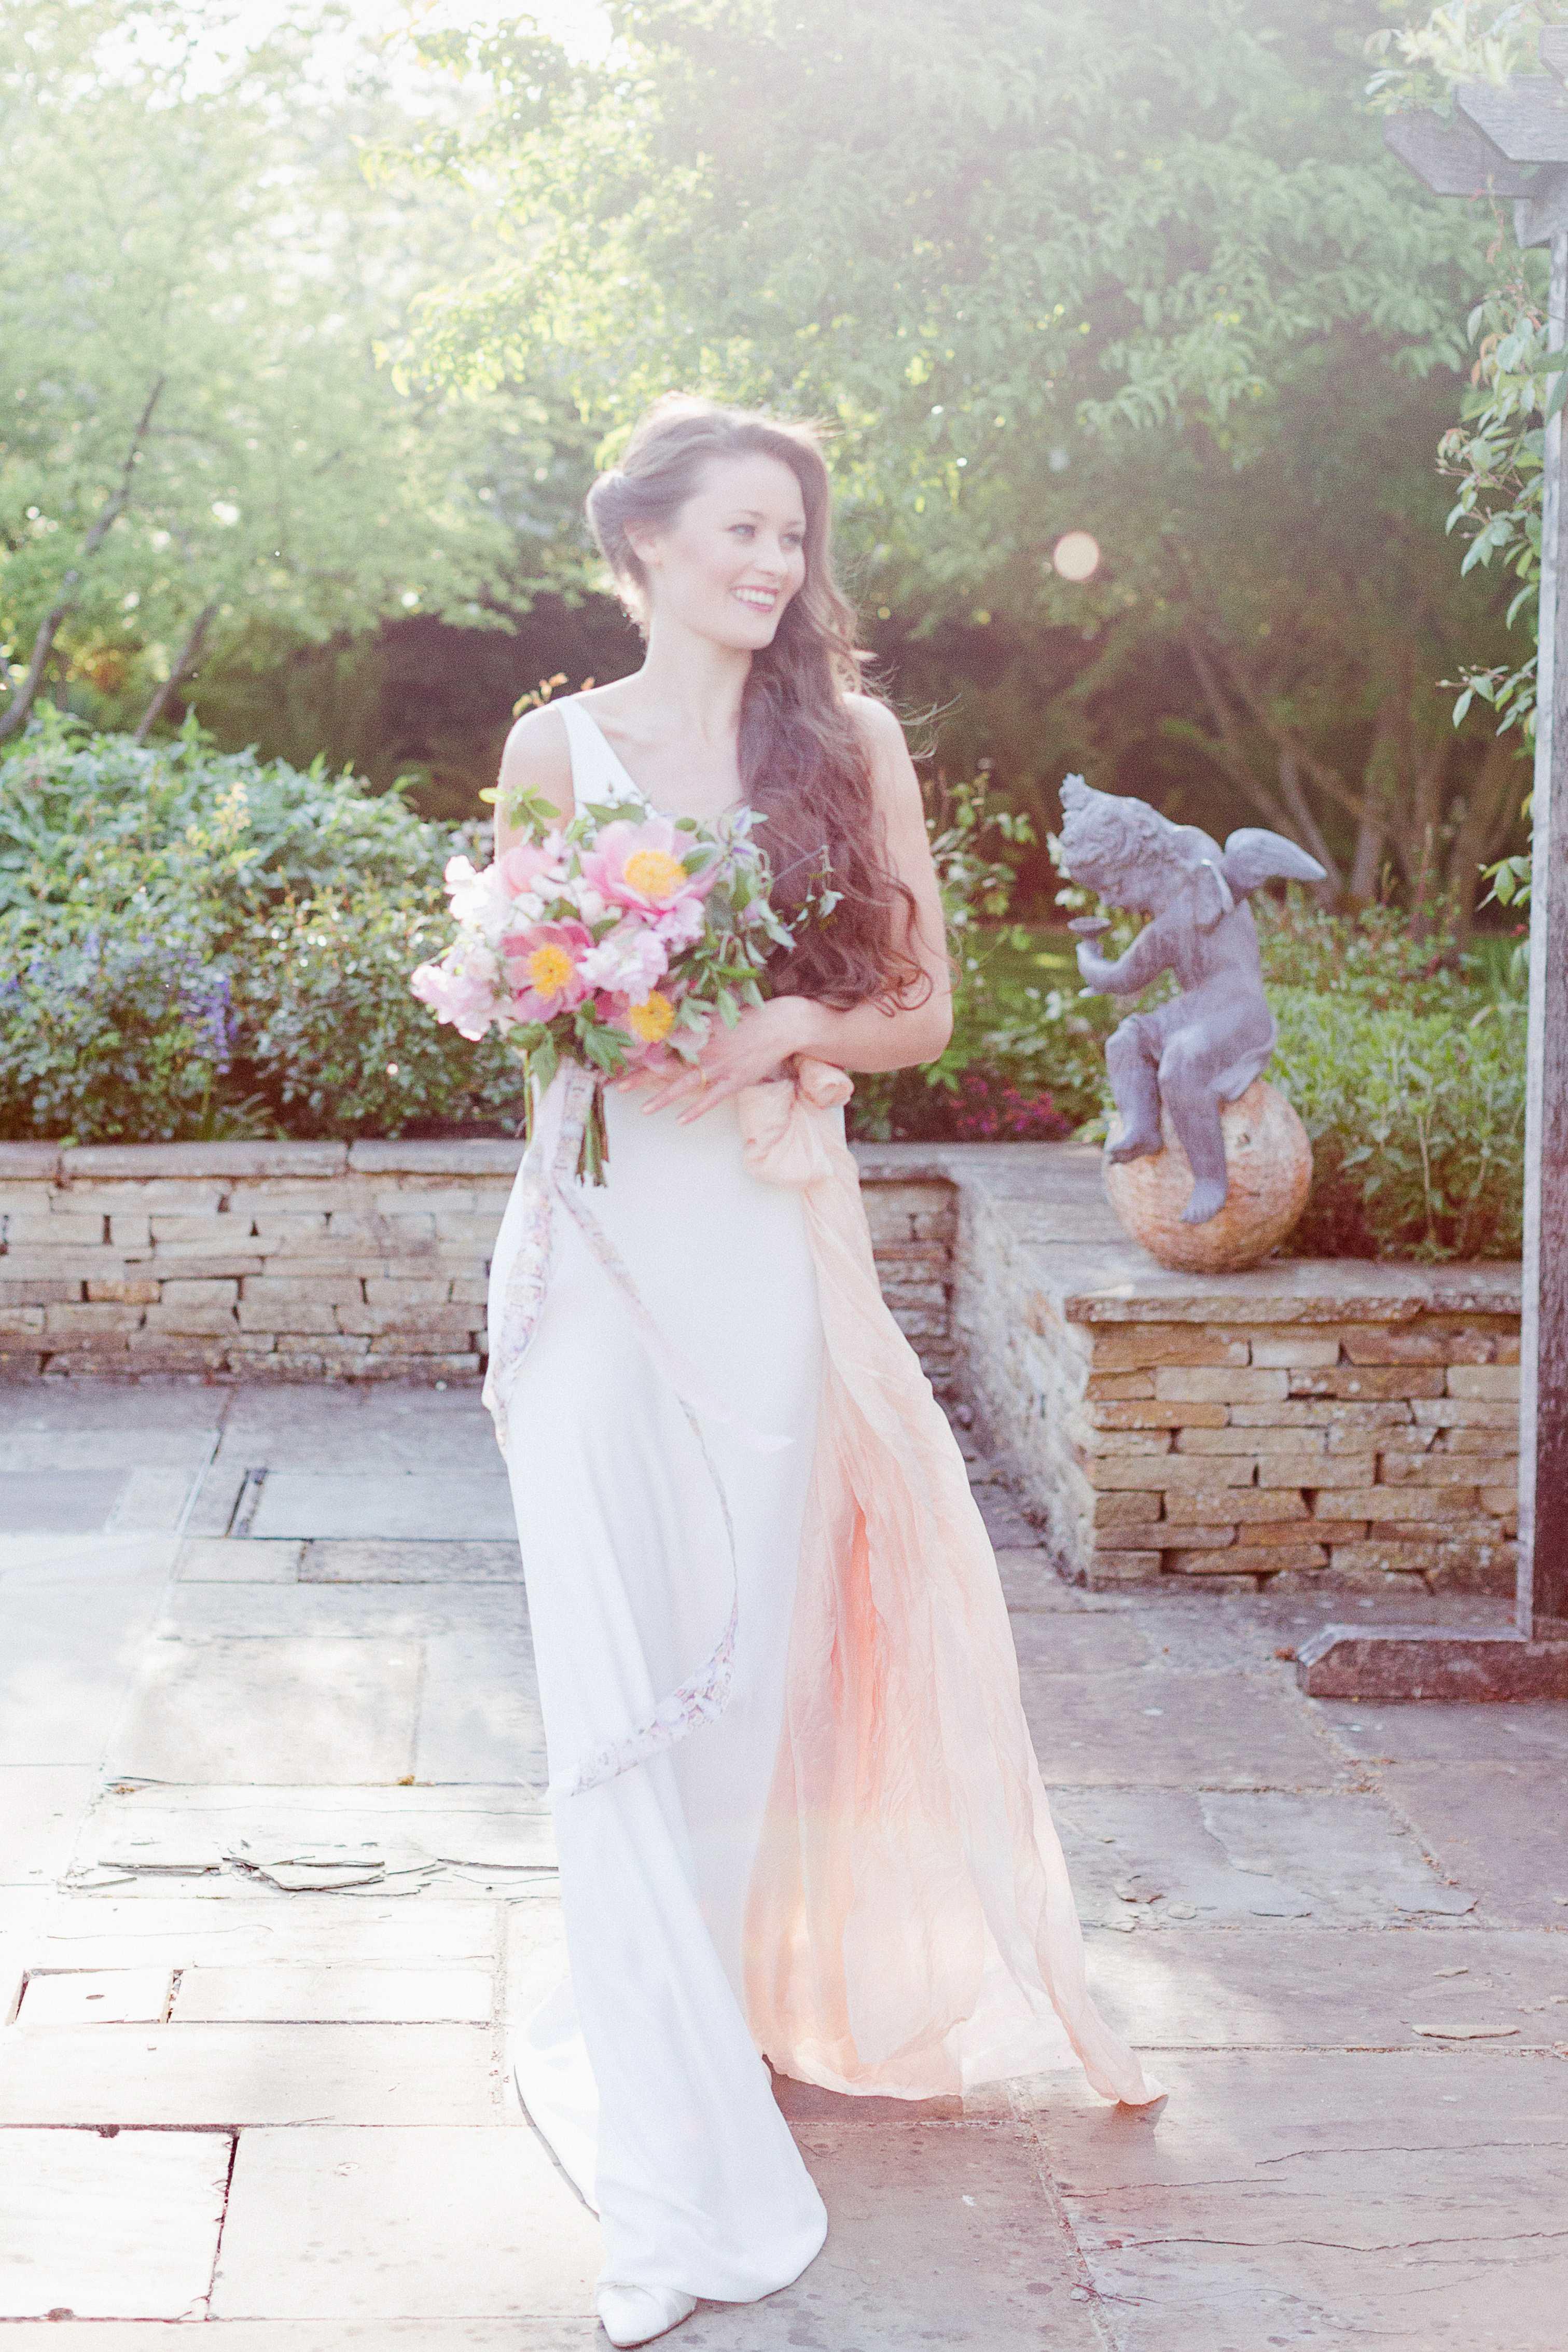 Shine-Female-Model-London-Charlotte-Bridal-Commerical-03.jpg#asset:44514